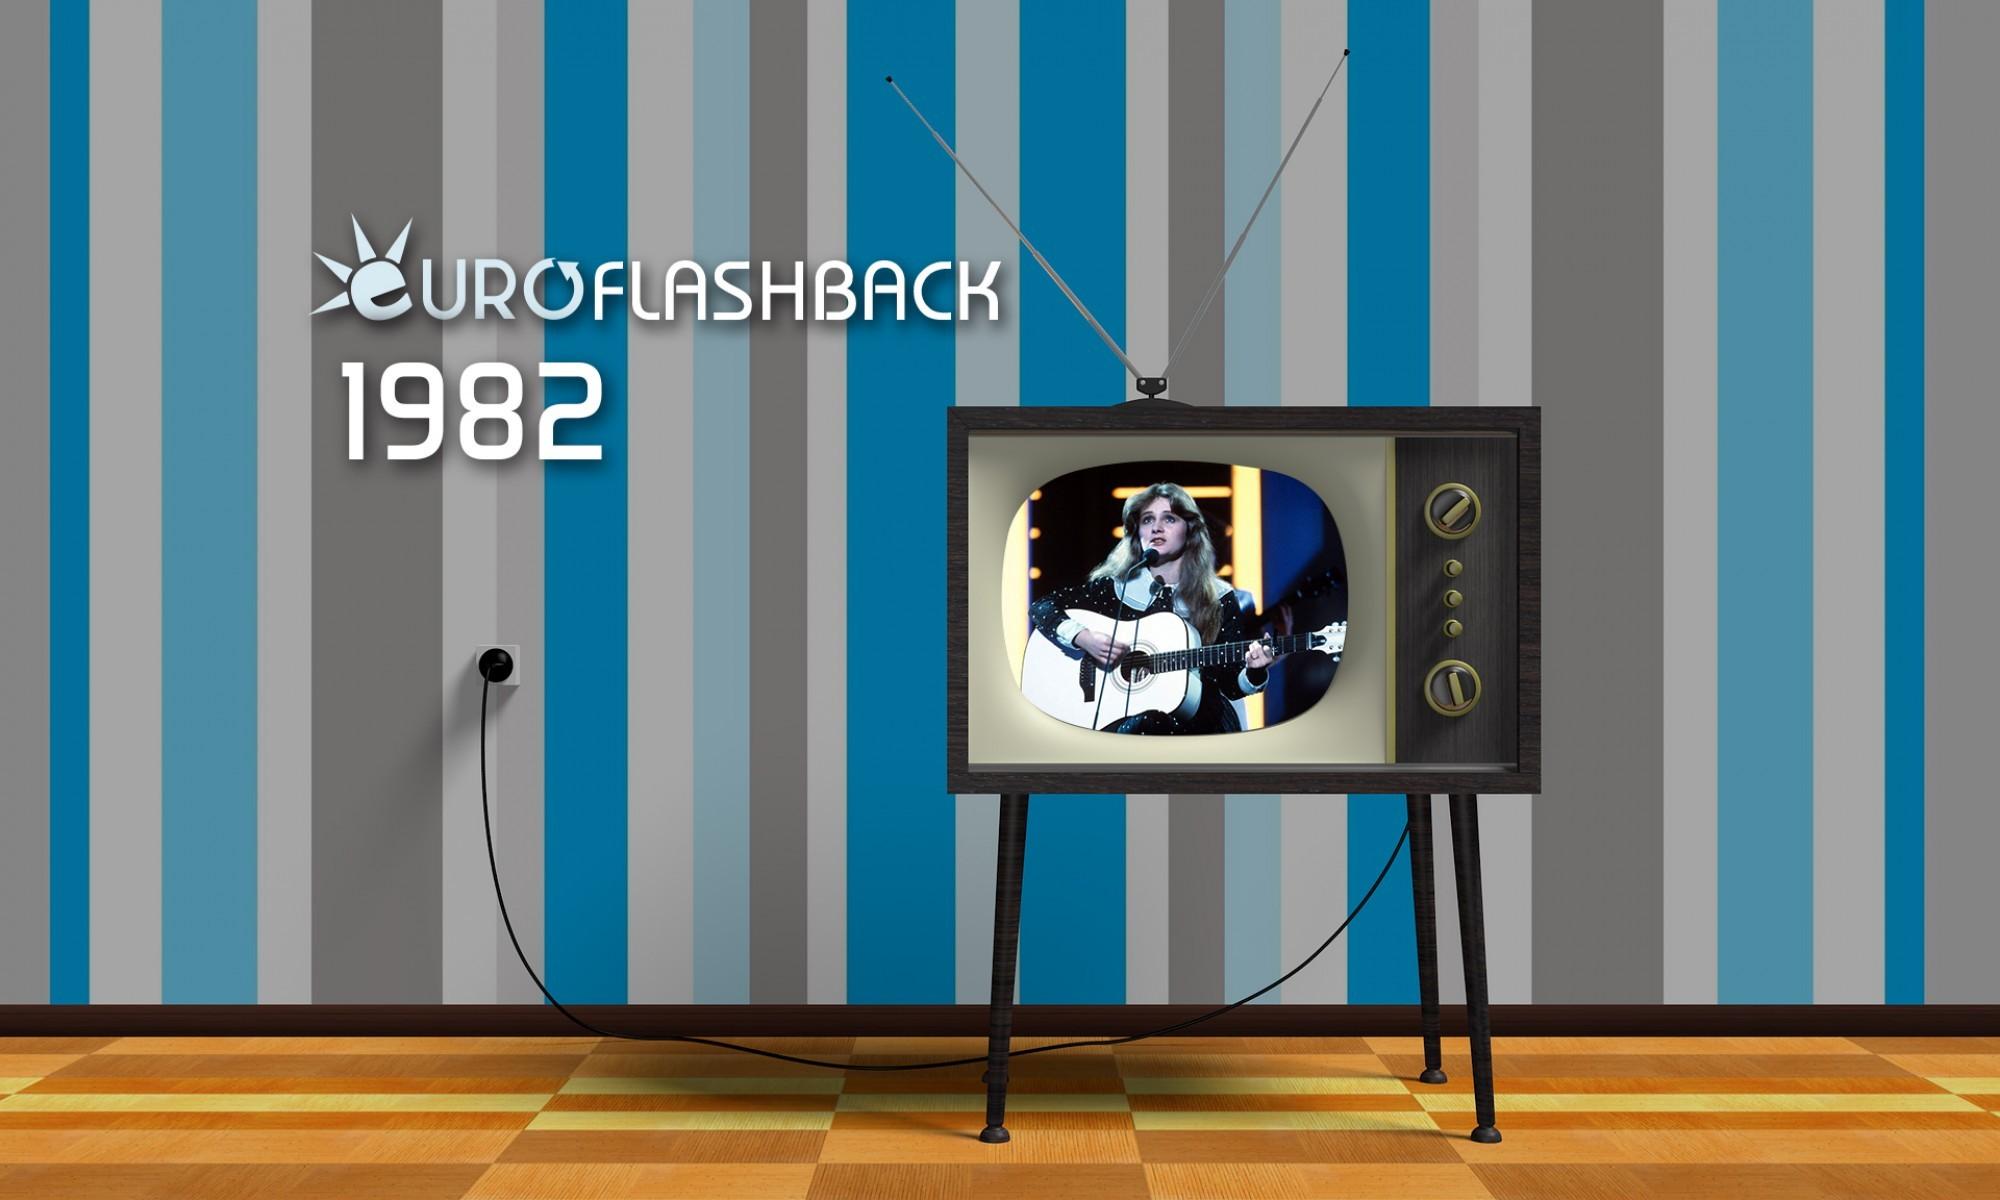 Calendario Julio 2019 Argentina Más Reciente Euroflashback 1982 Cuando Alemania Marc³ Su Primer Gol Cantando A